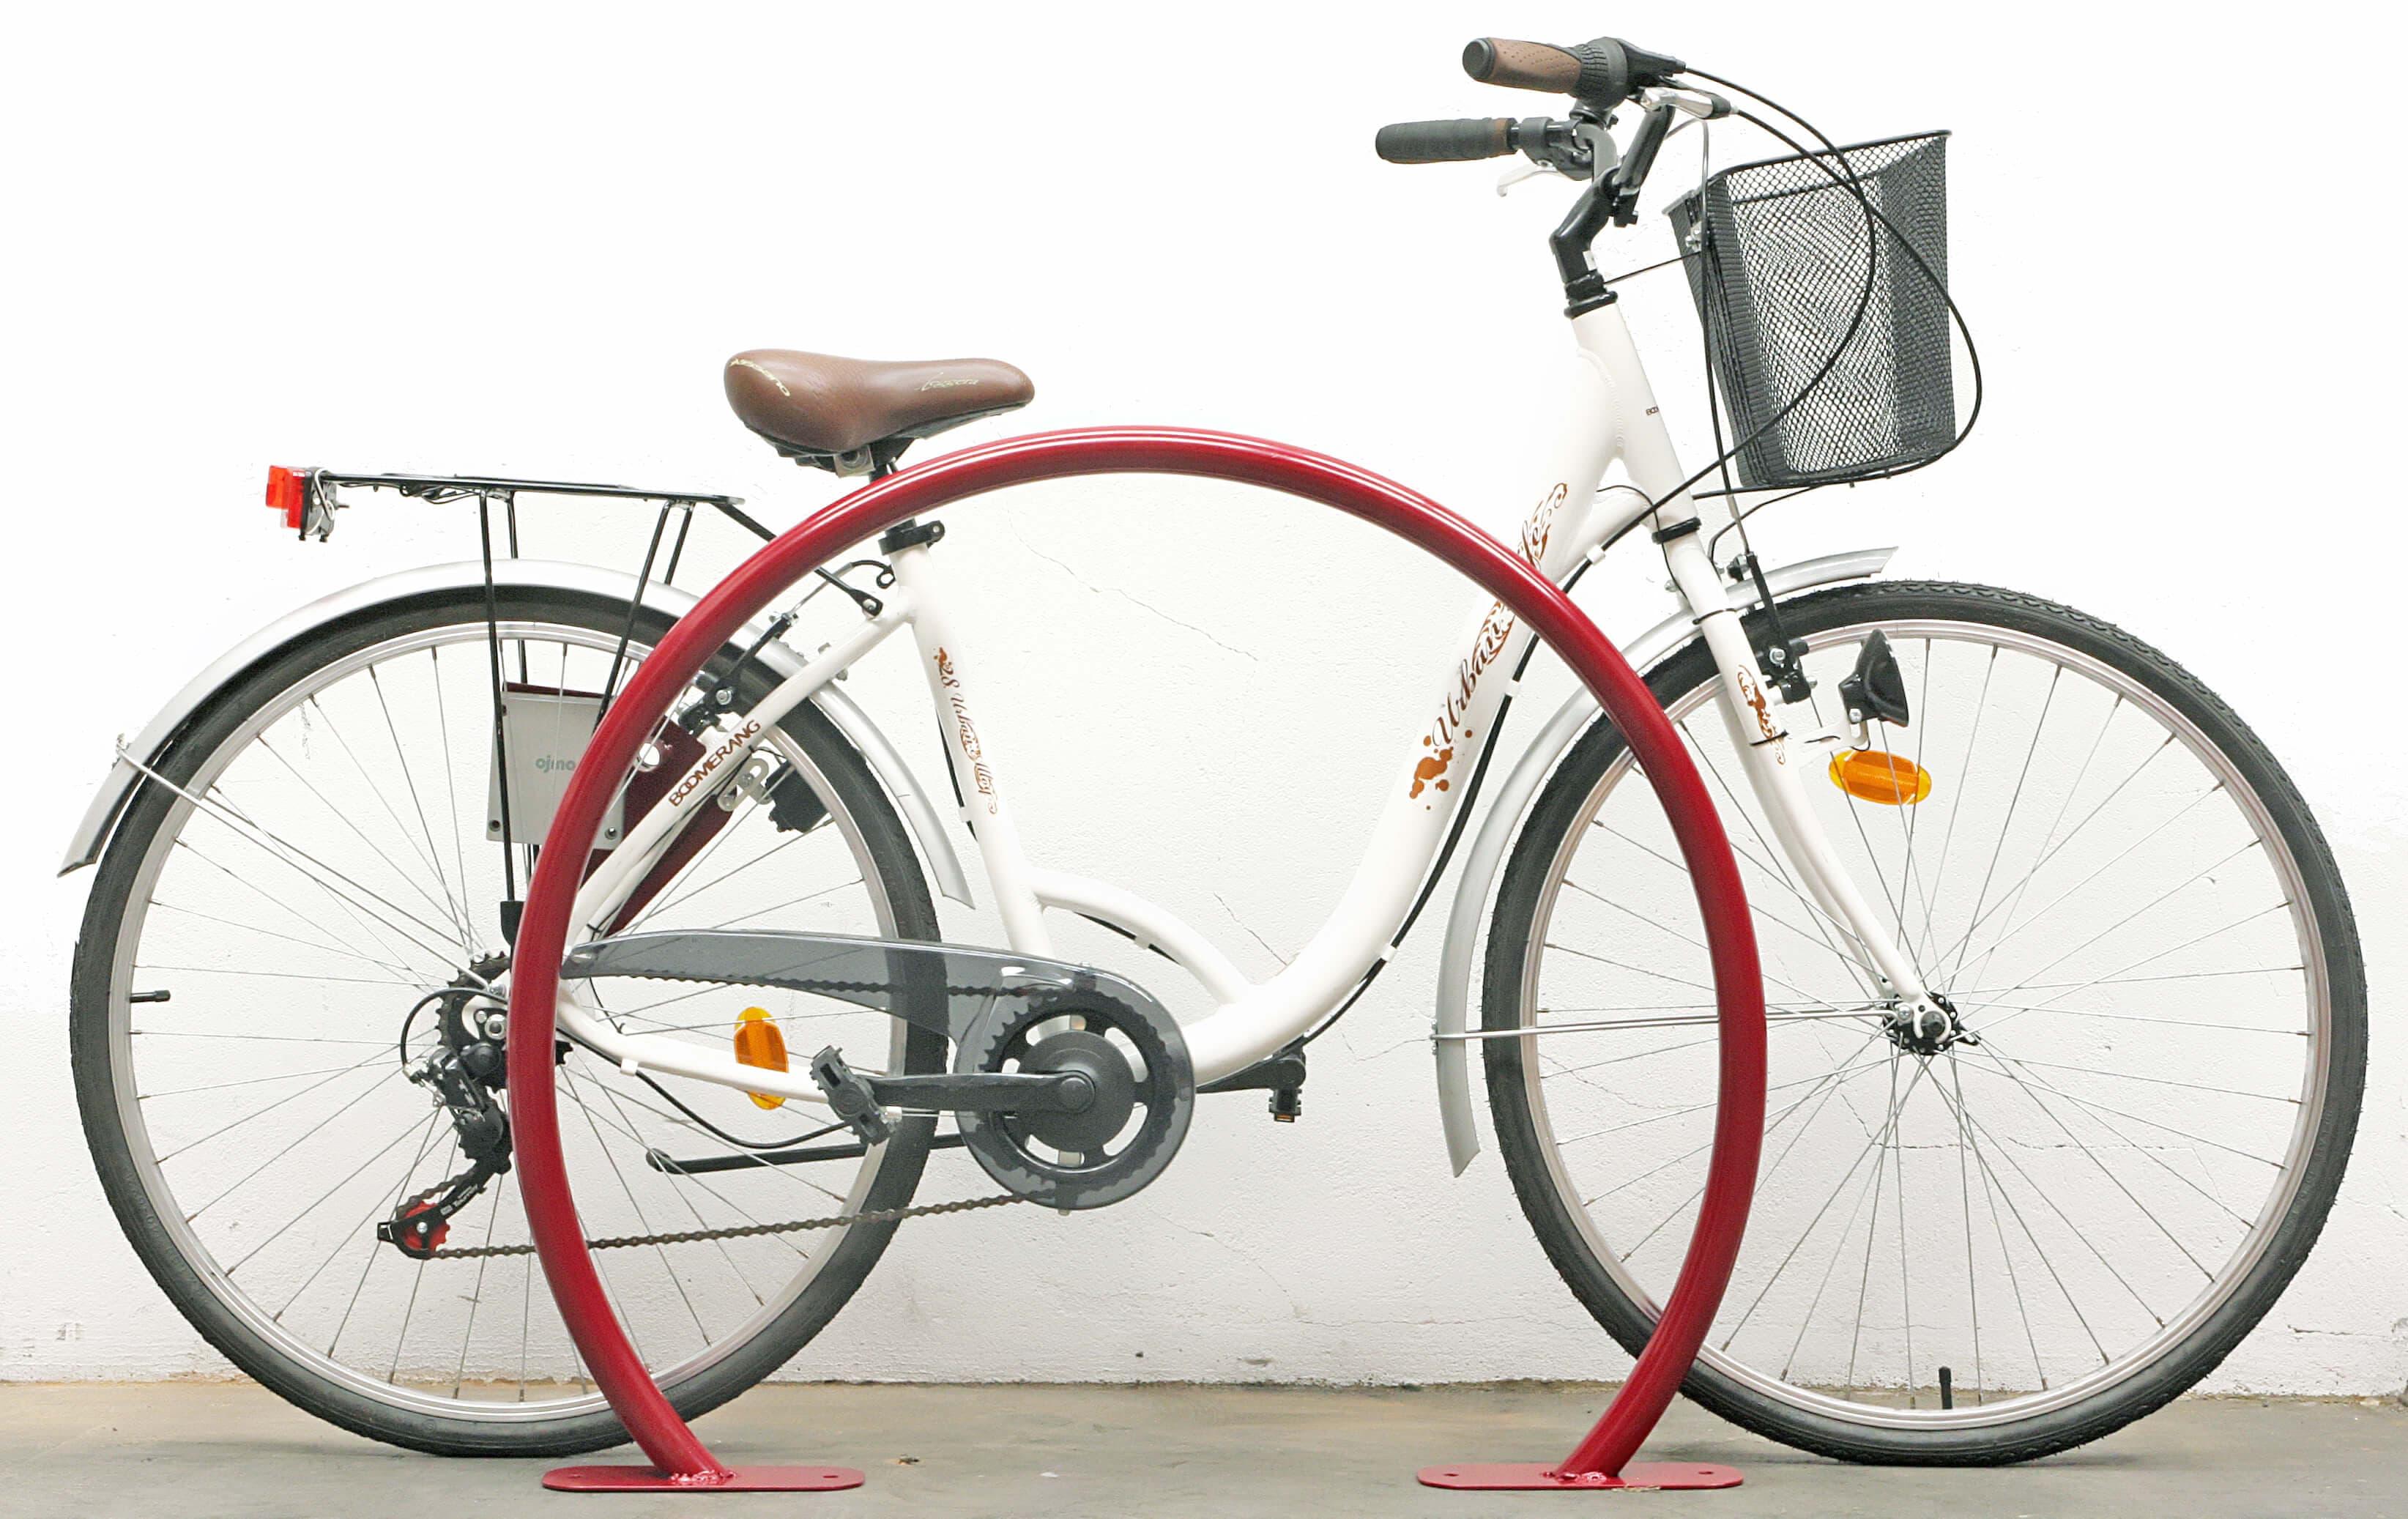 Arc fietsbeugel - geschikt voor ieder type fiets